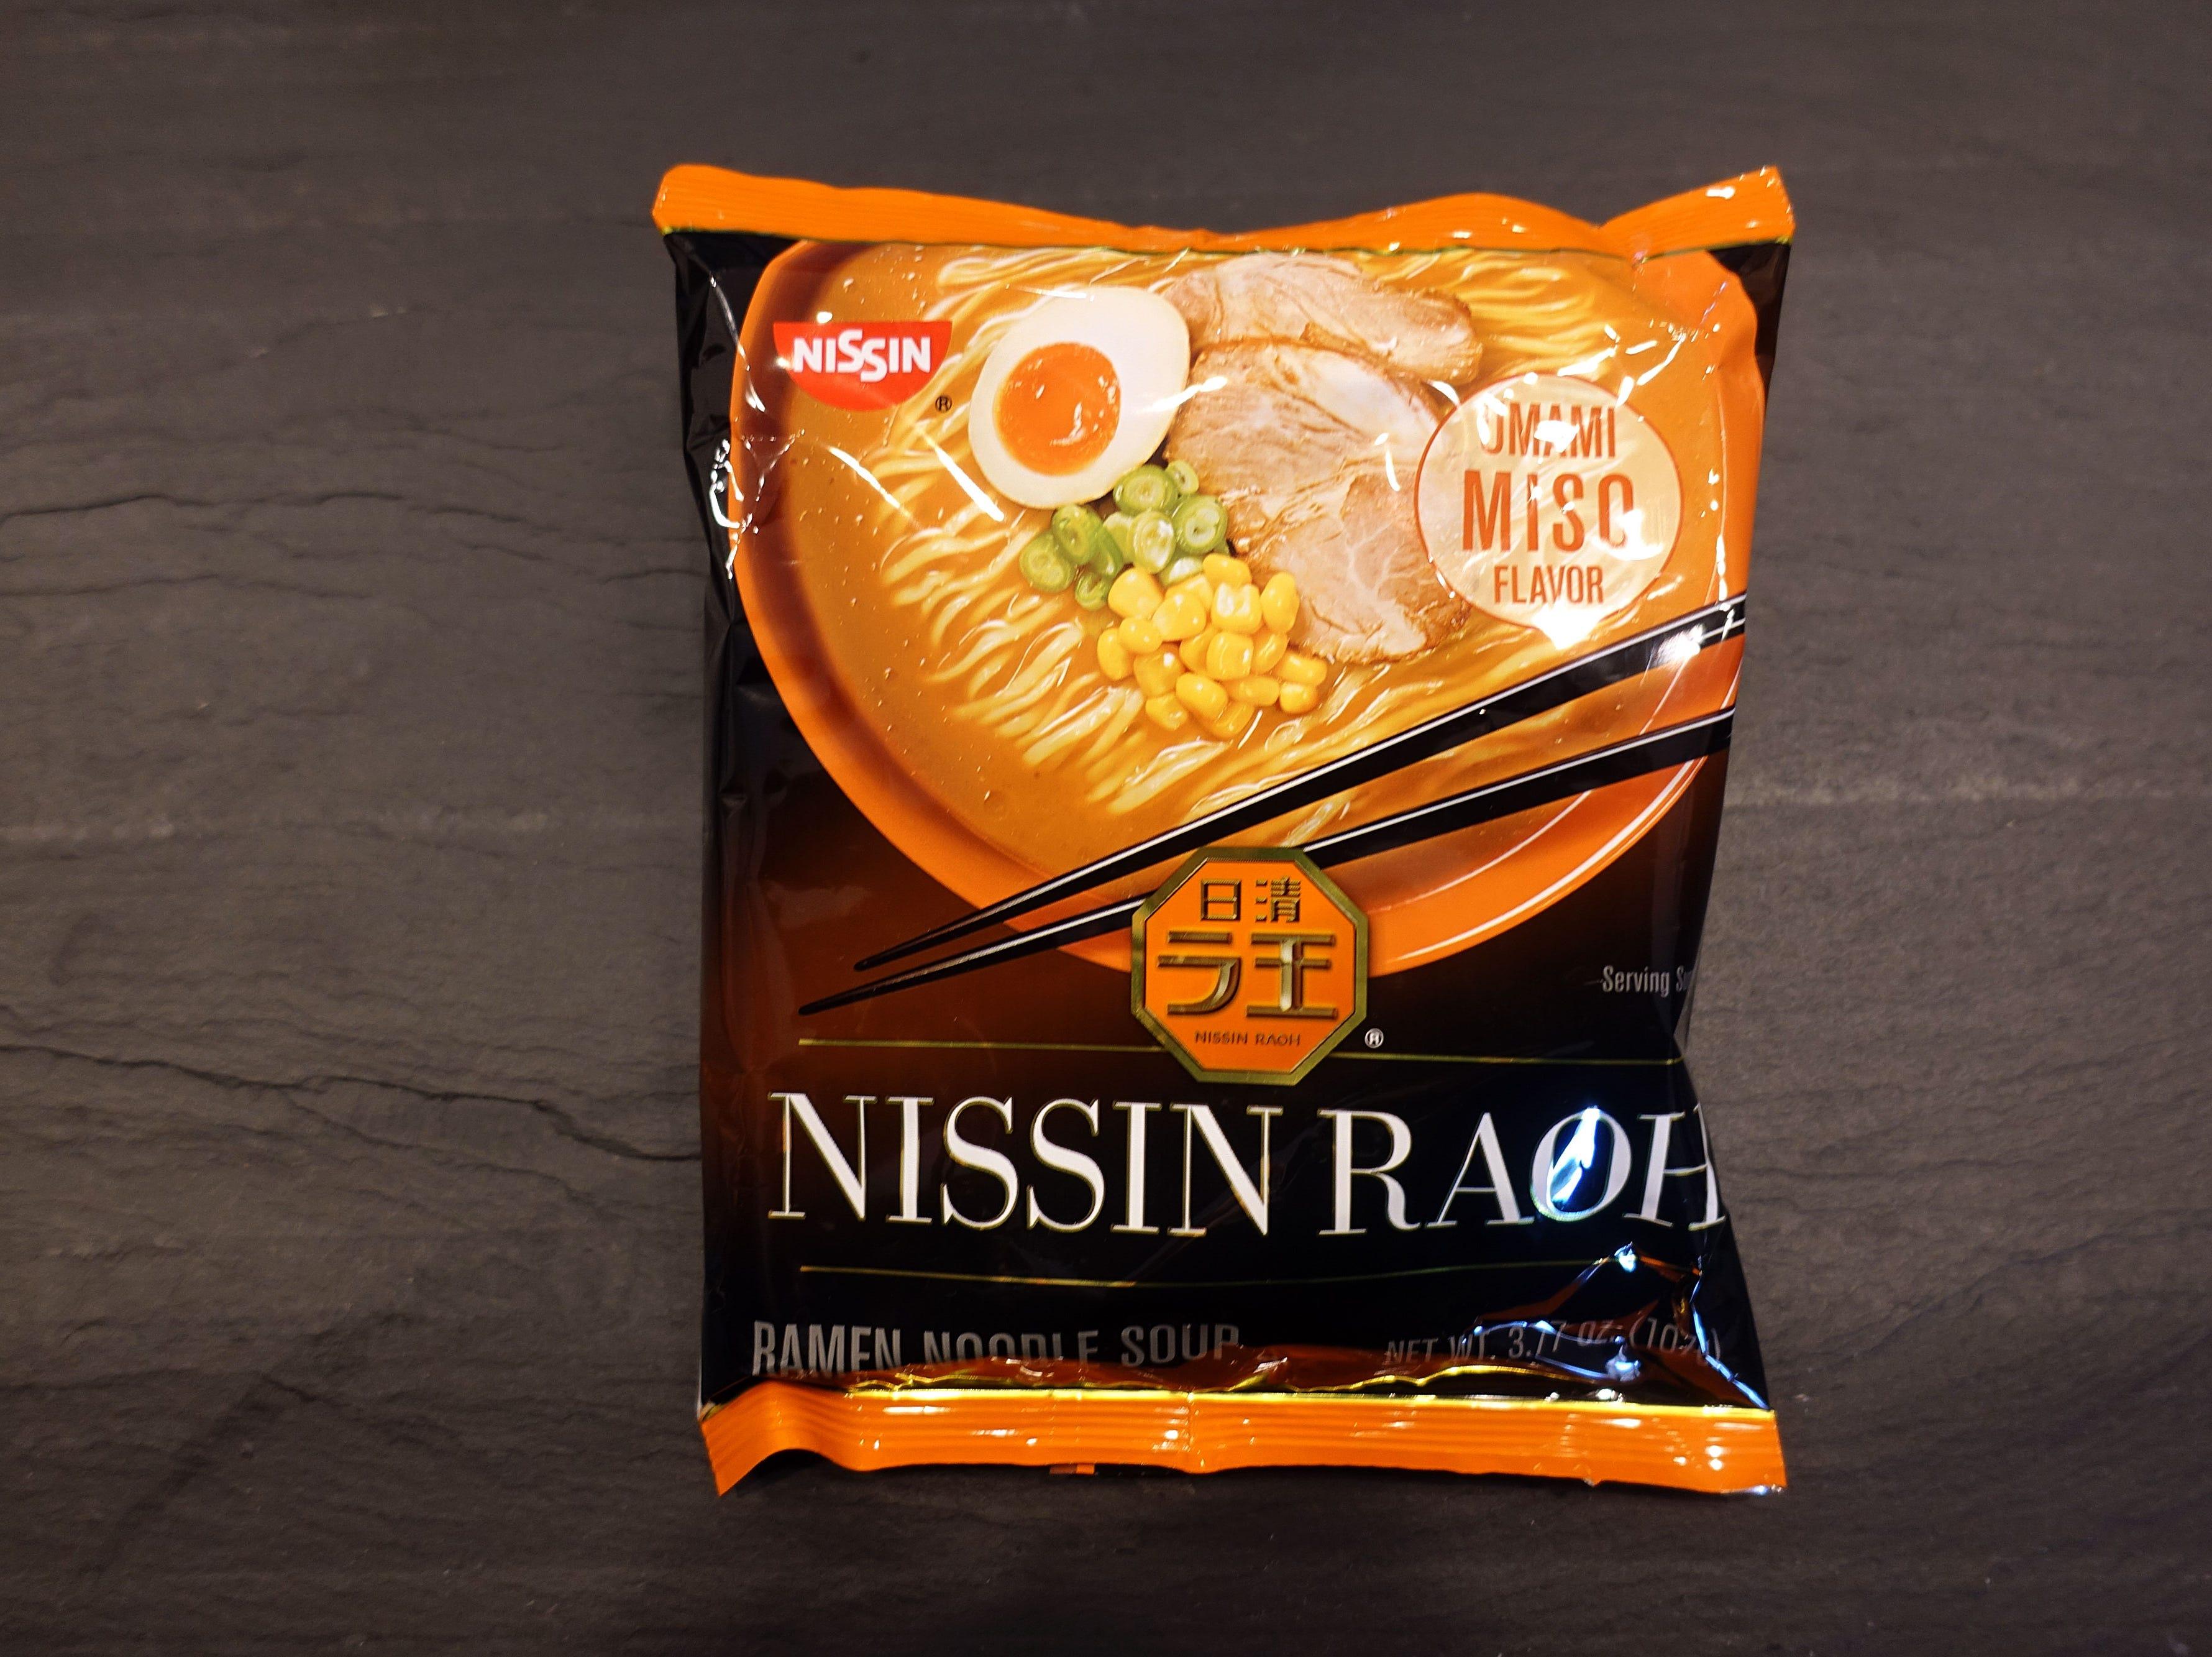 Nissin Raoh Umami Miso Ramen